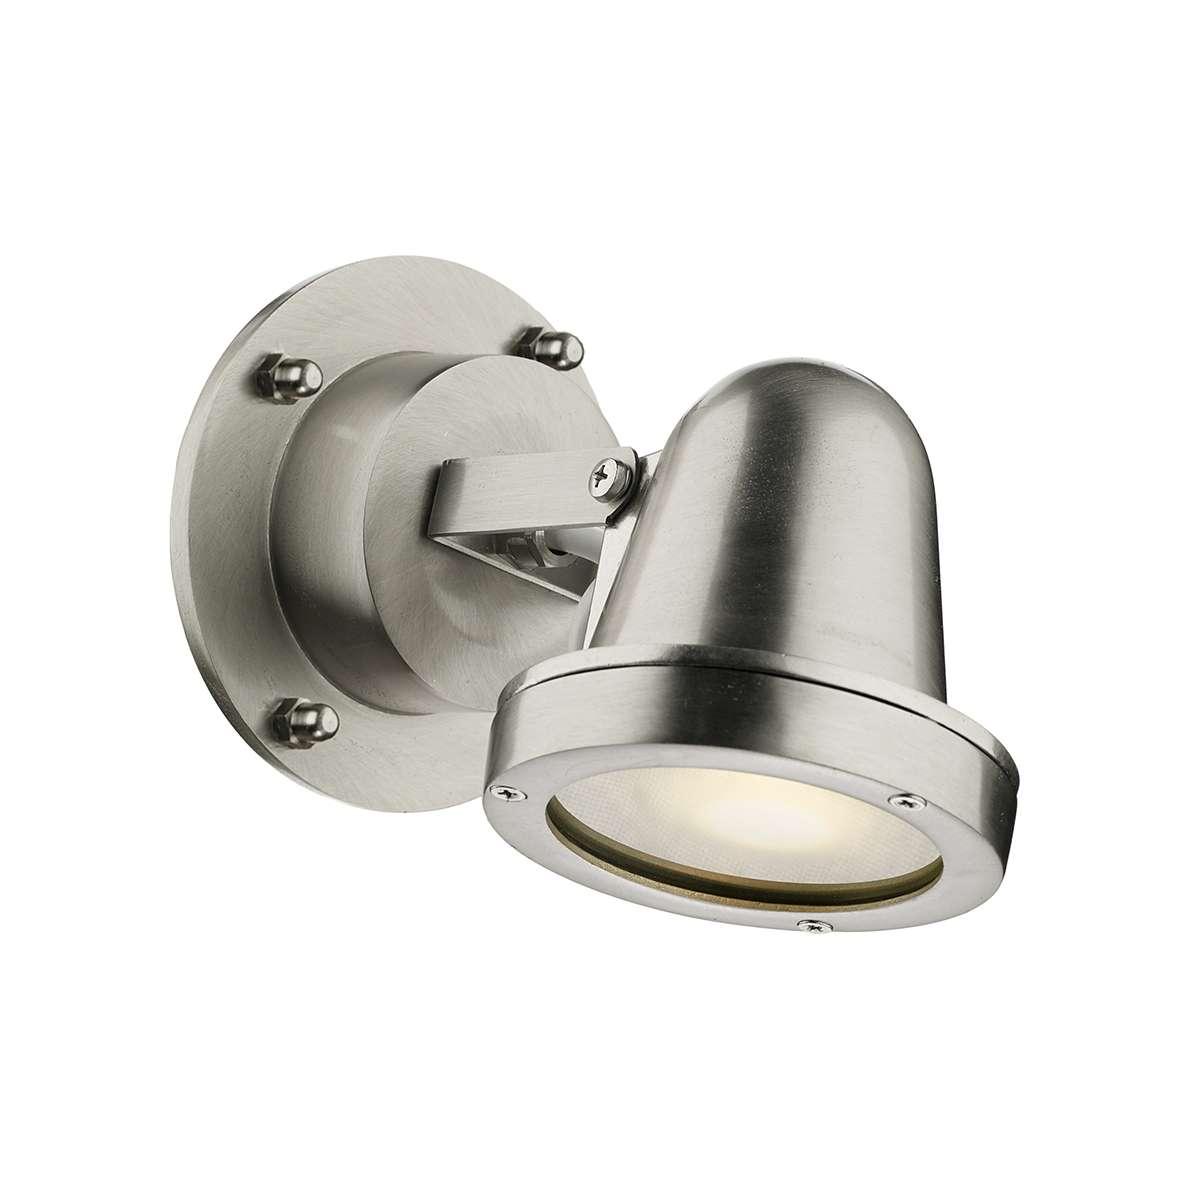 Cove Solid Brass Nickel Spotlight